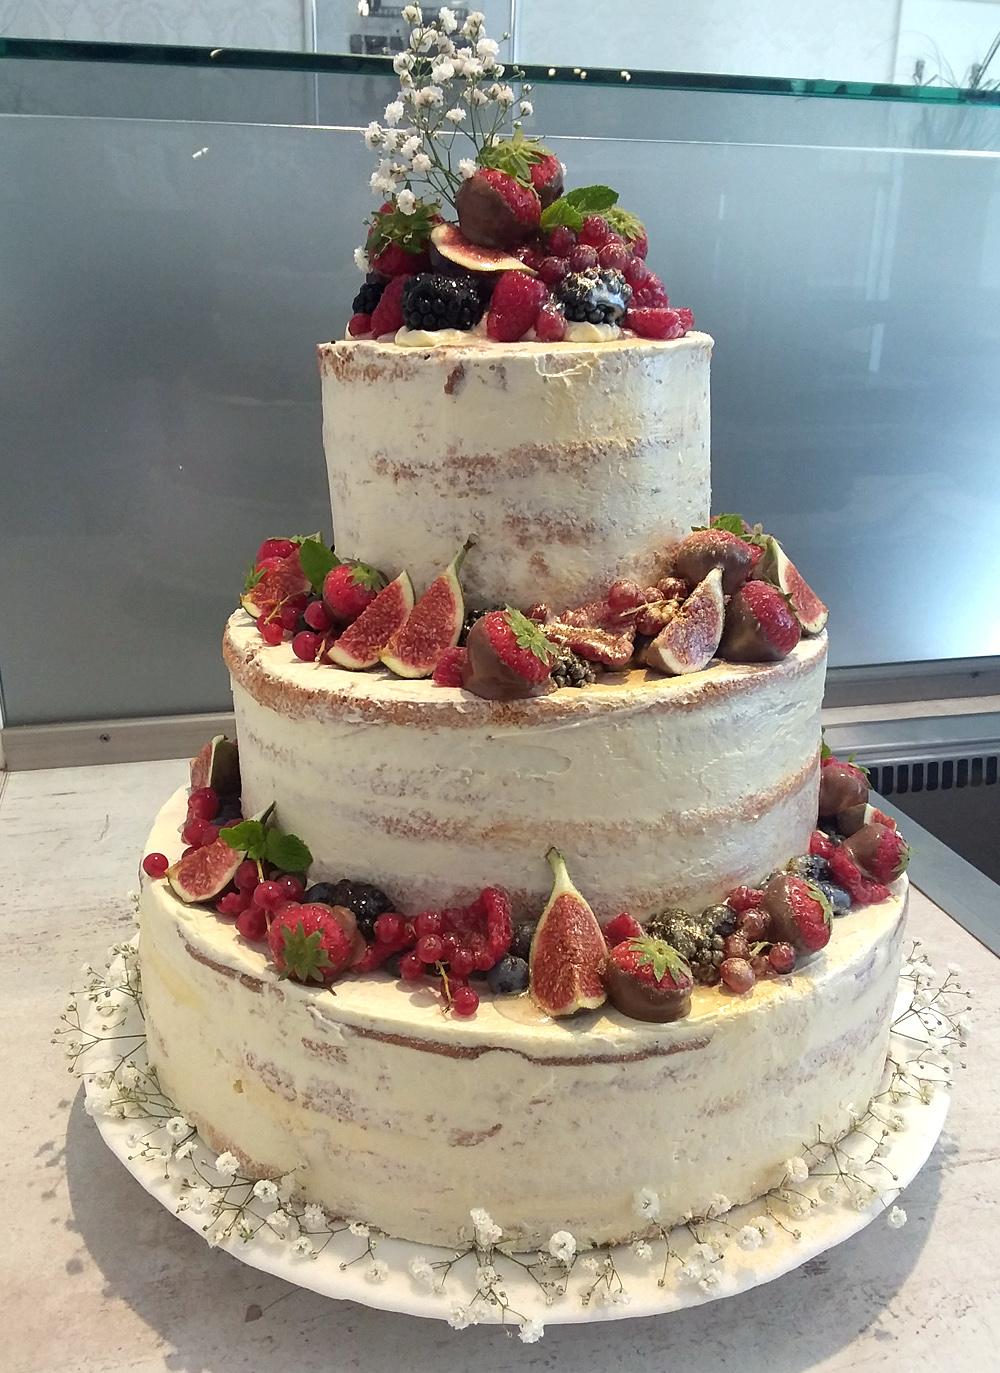 Naked Cake Hochzeitstorte mit Früchten 3-stöckig